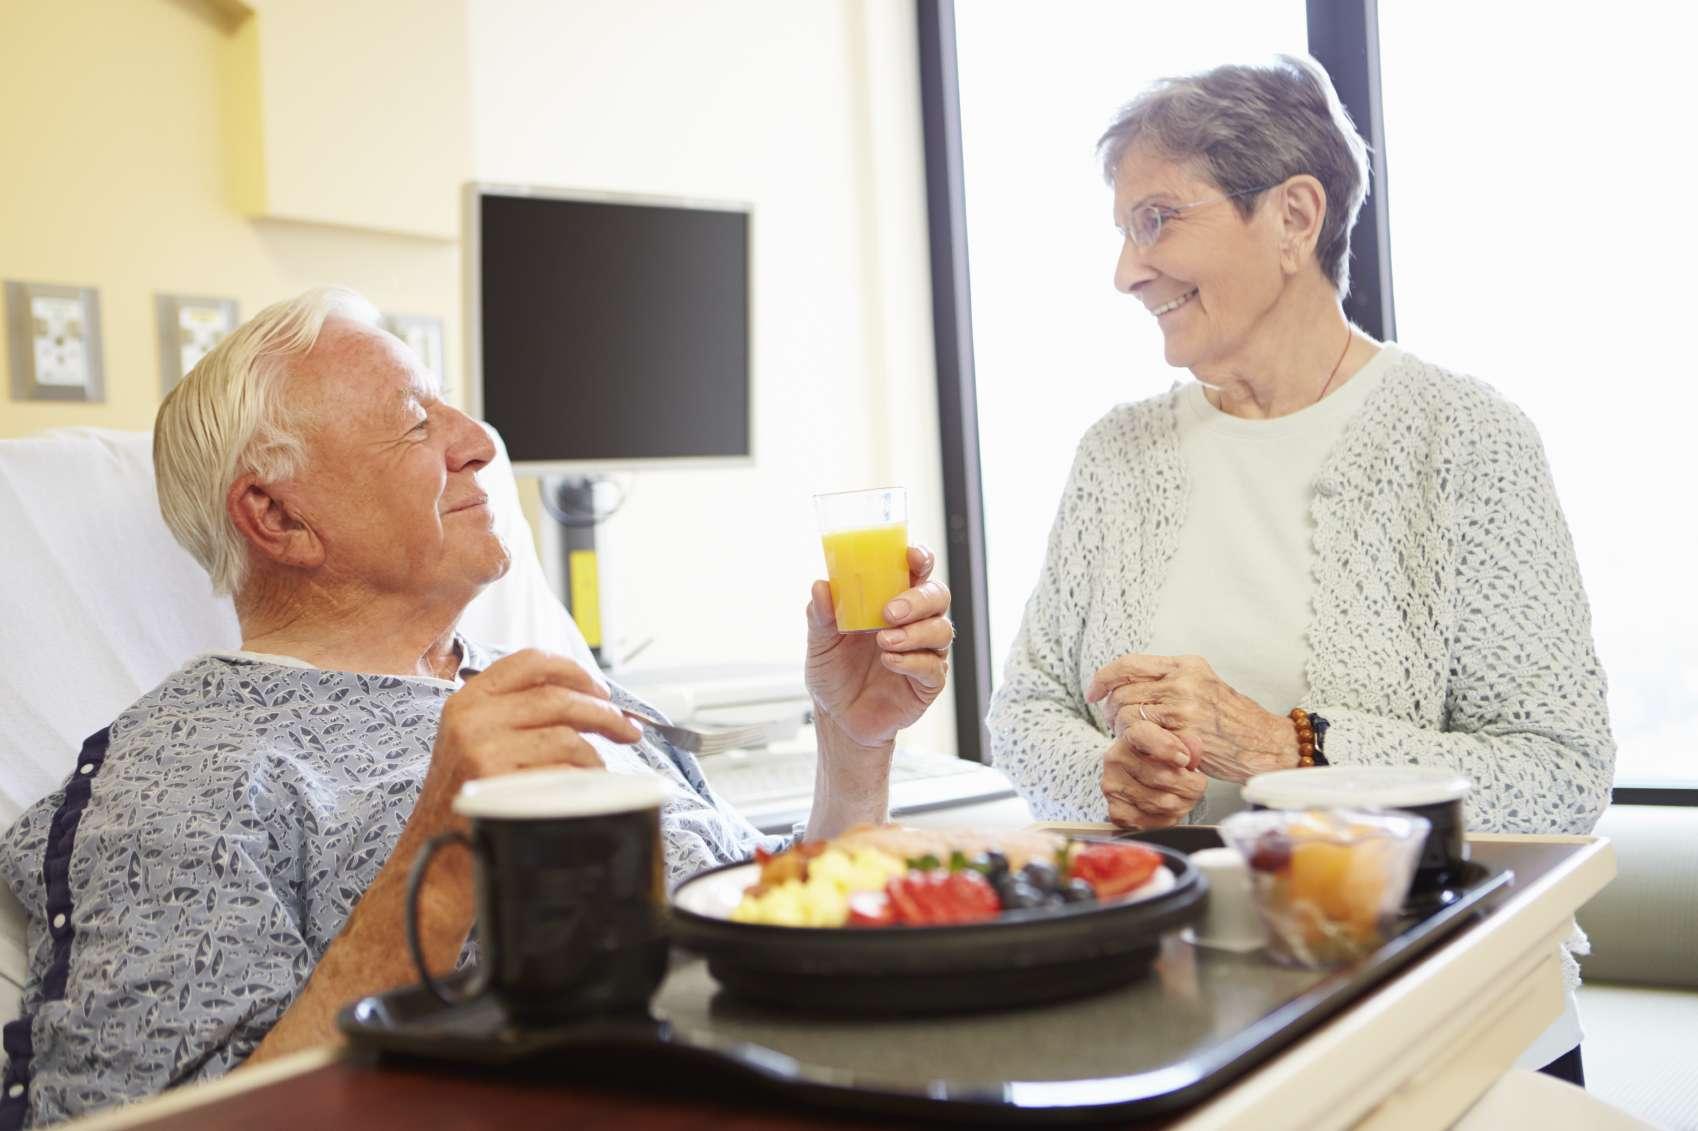 La alimentación cambia dependiendo el tipo de cáncer que se tenga. Foto: iStock